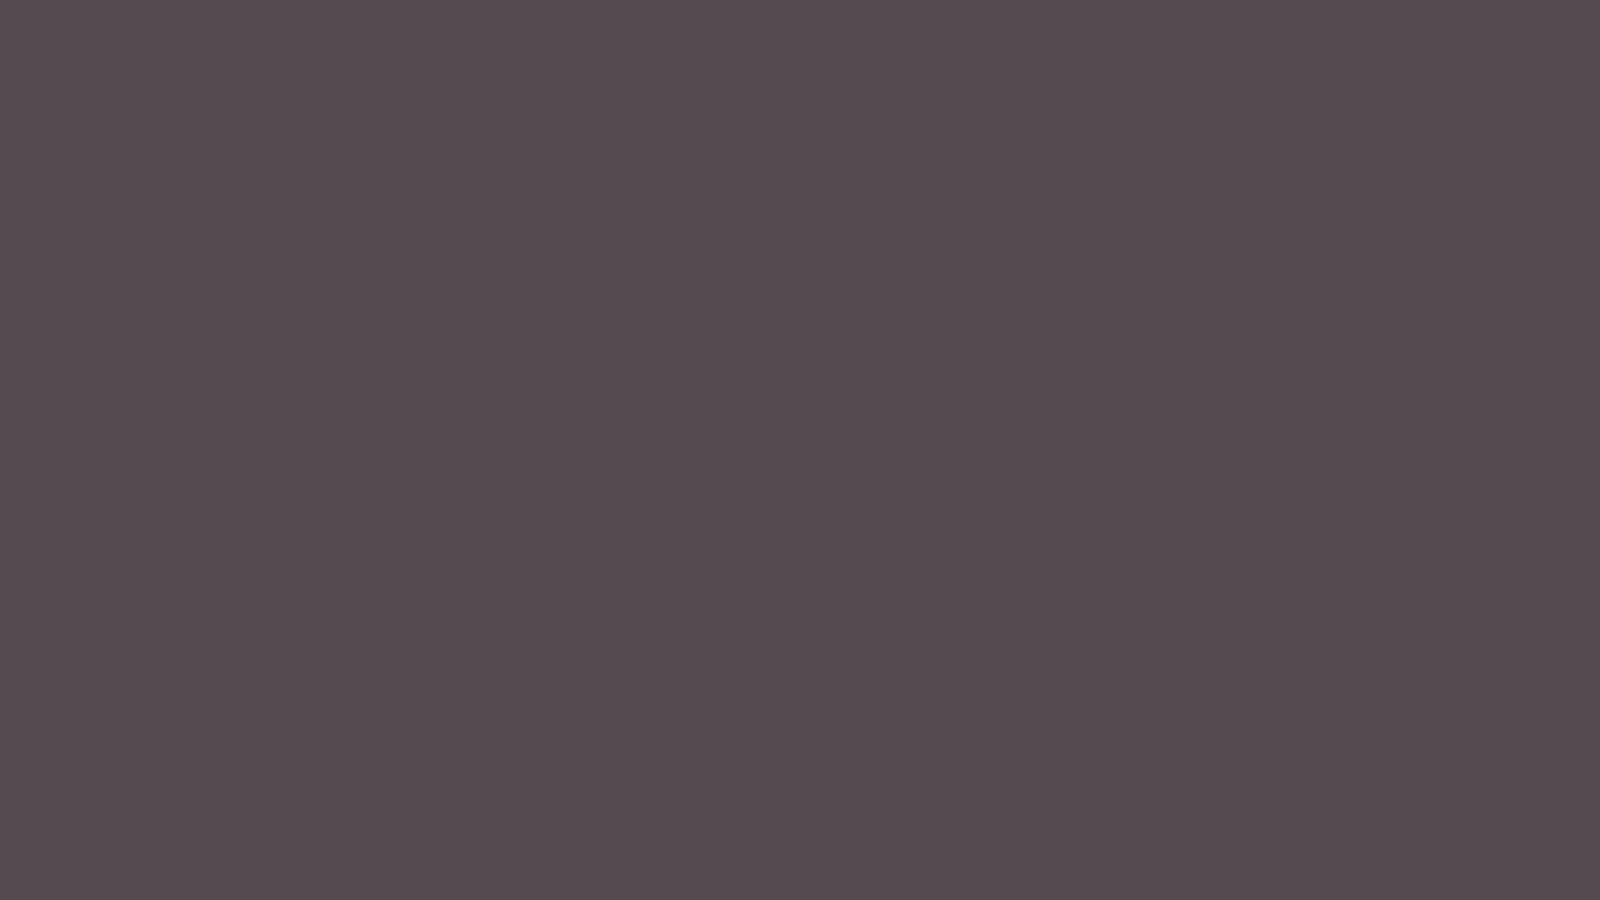 1600x900 Dark Liver Solid Color Background